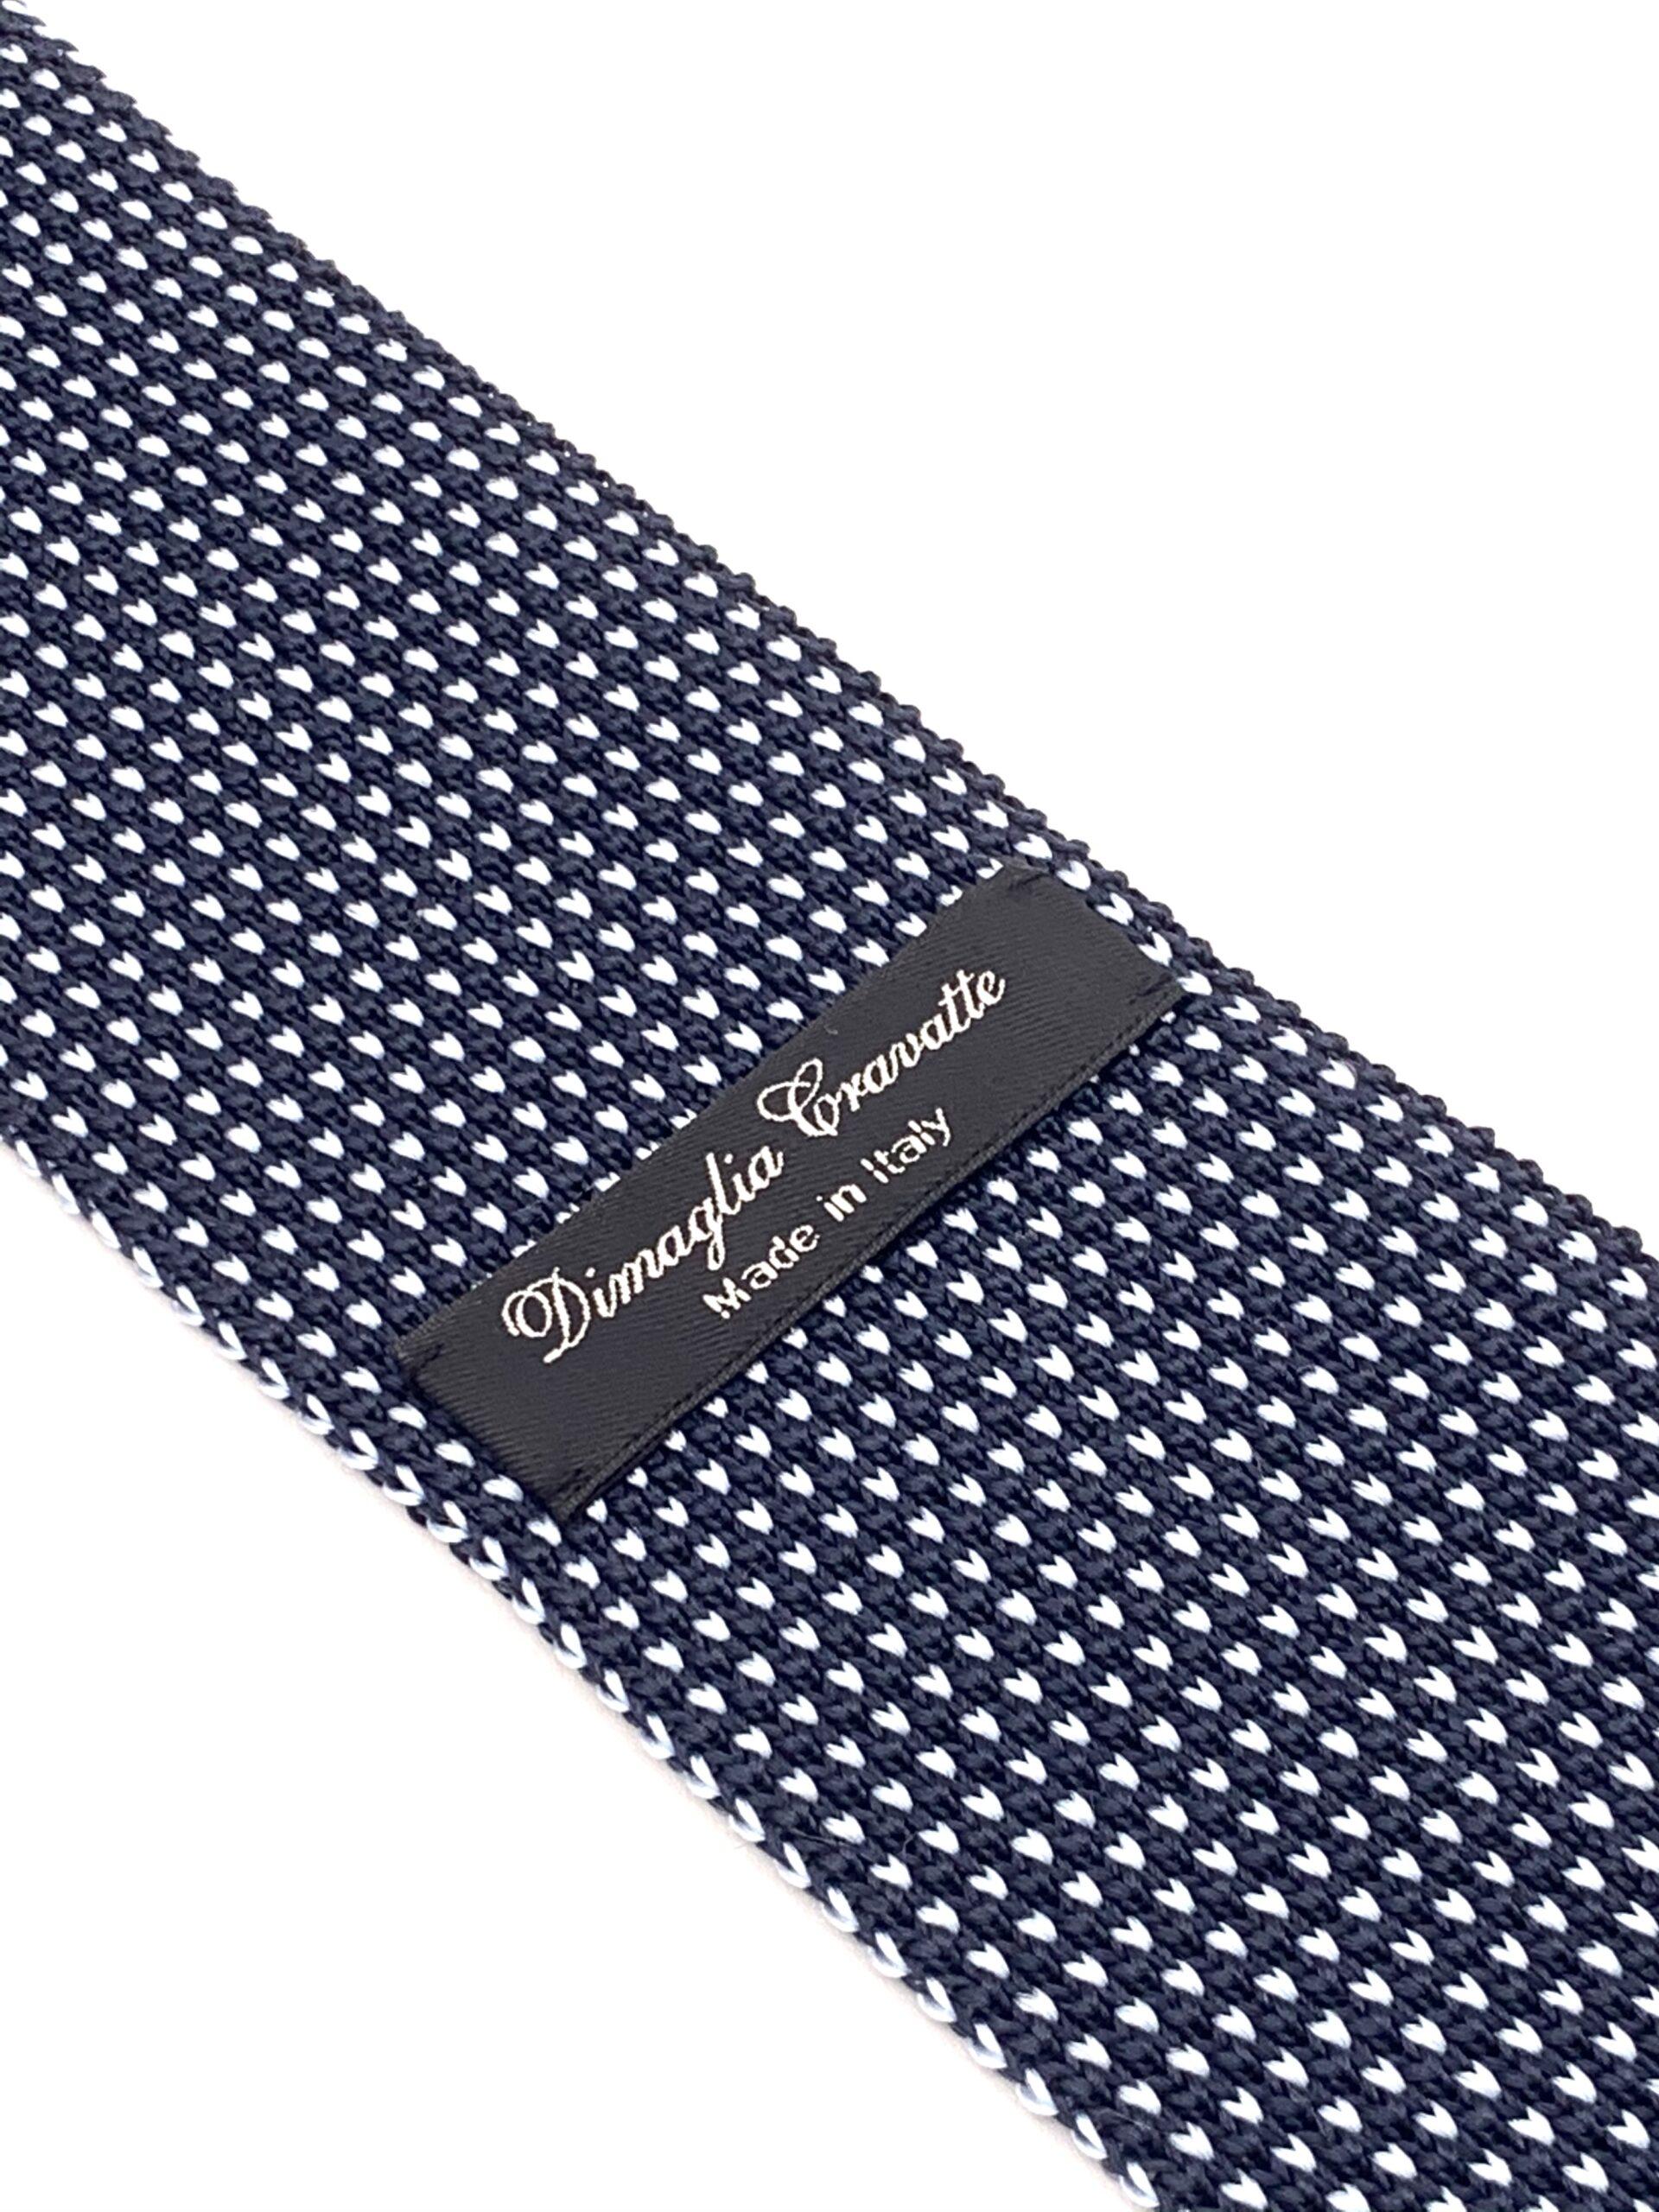 DIMAGLIA - cravatta di maglia blu e azzurro zoom